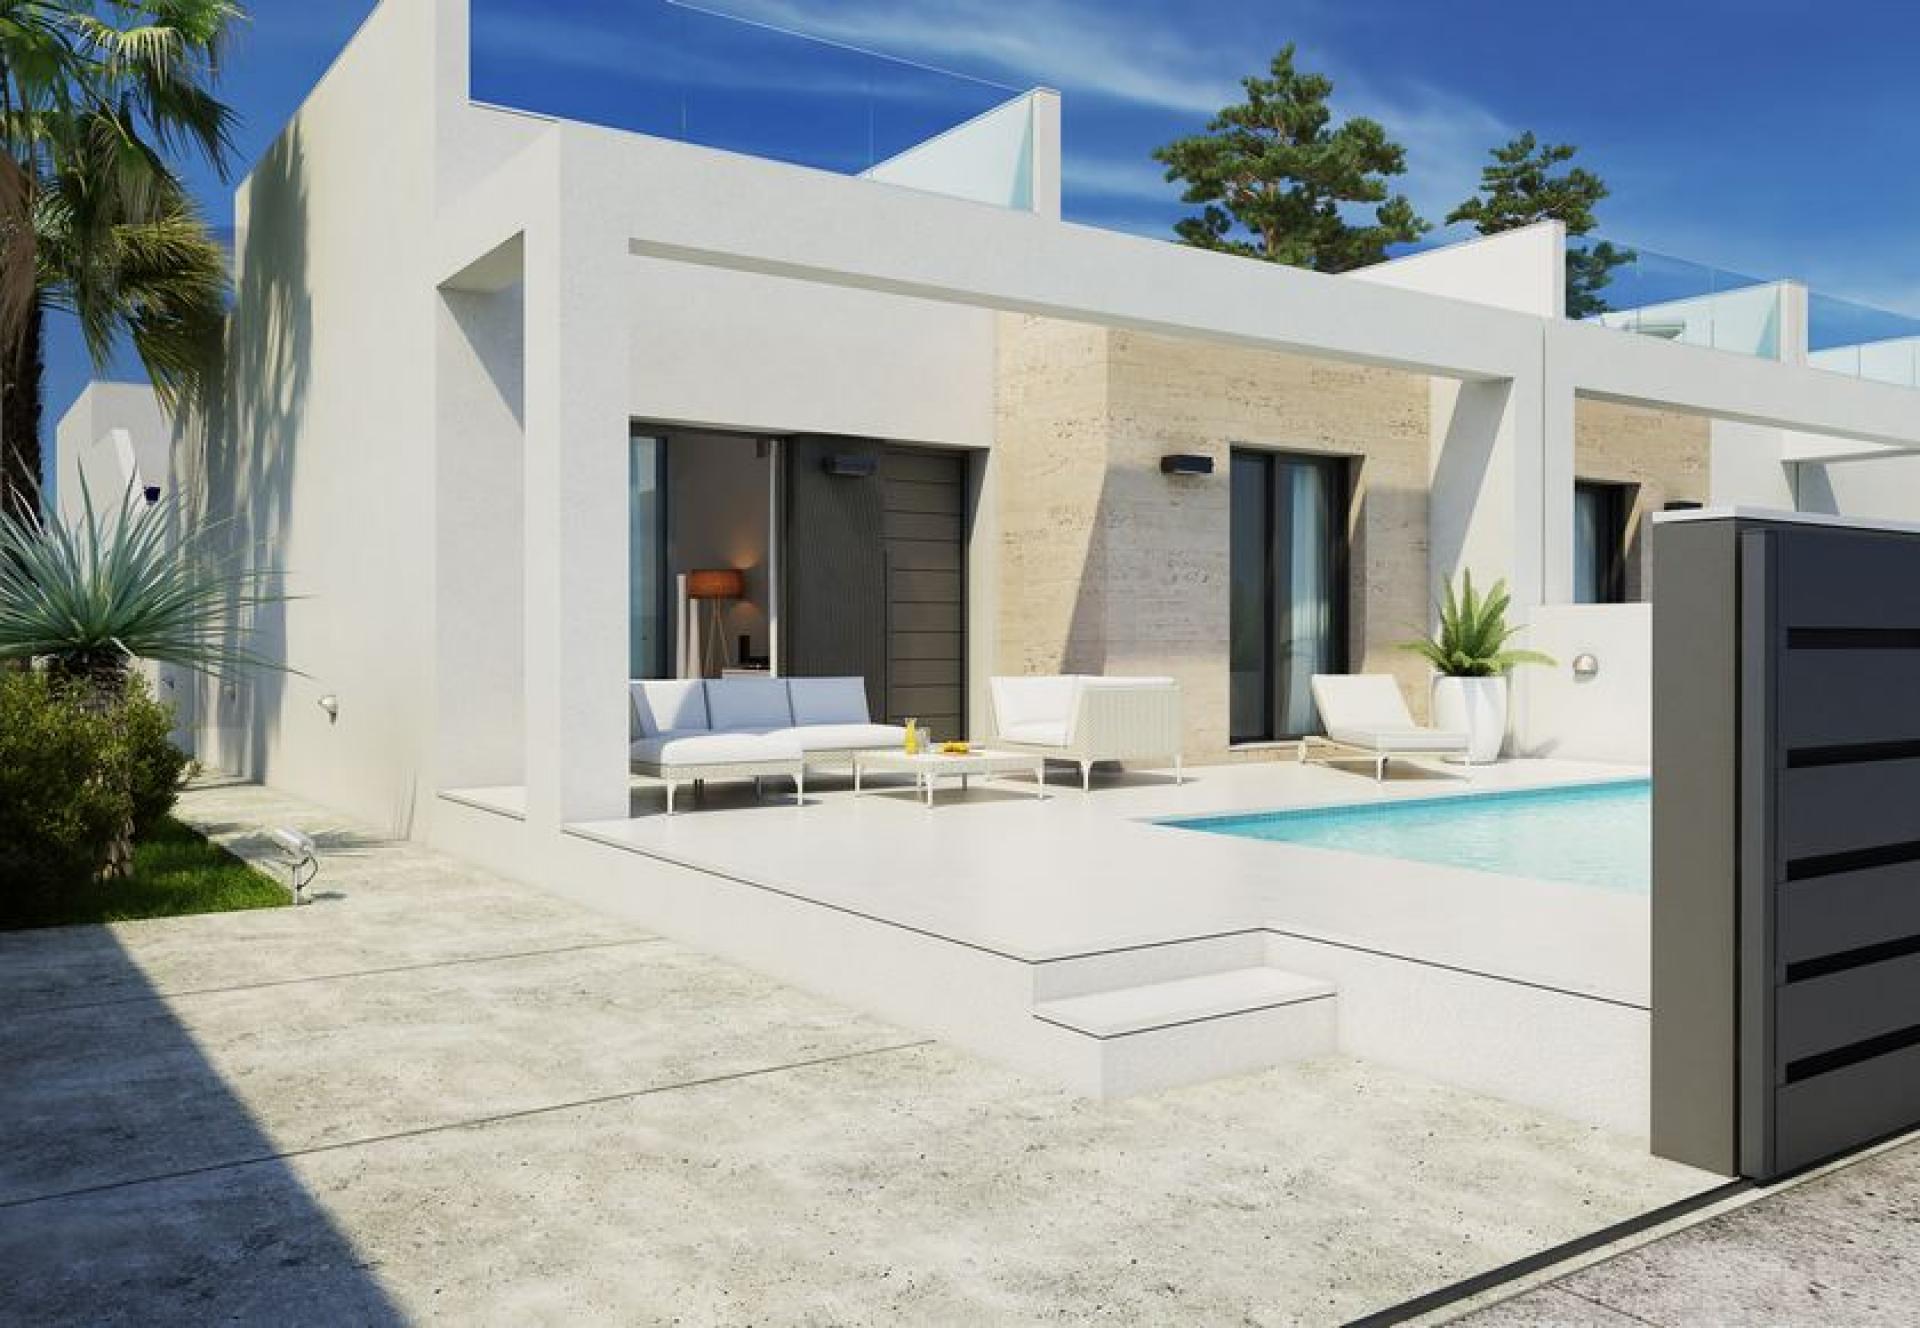 2 bedroom Villa in Daya Nueva - New build in Medvilla Spanje